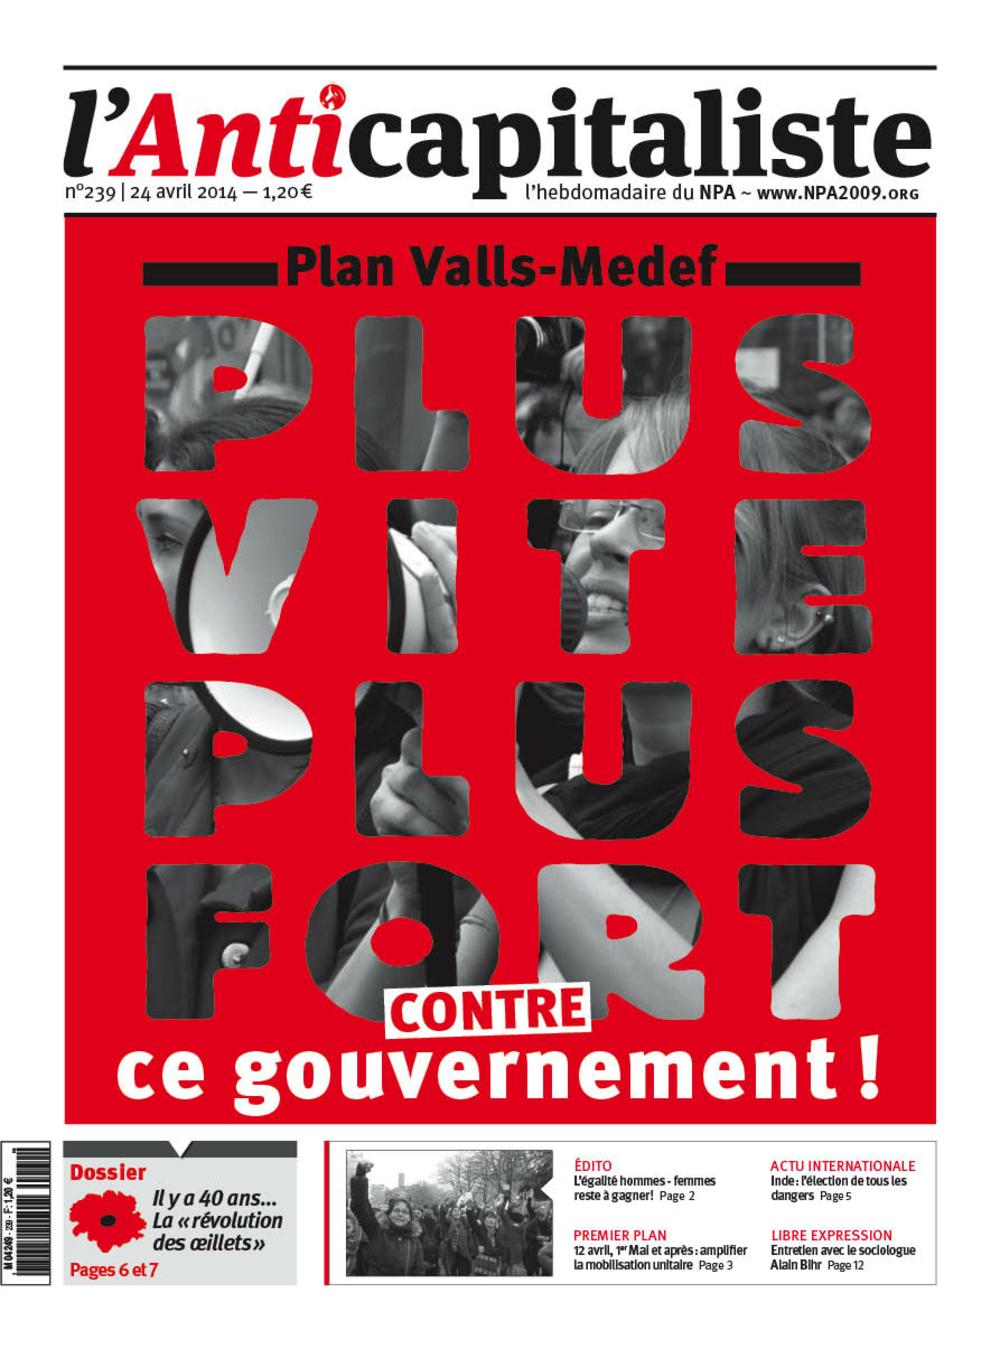 Résistance au gouvernement bourgeois - Page 16 Antik239_la_une-1_0